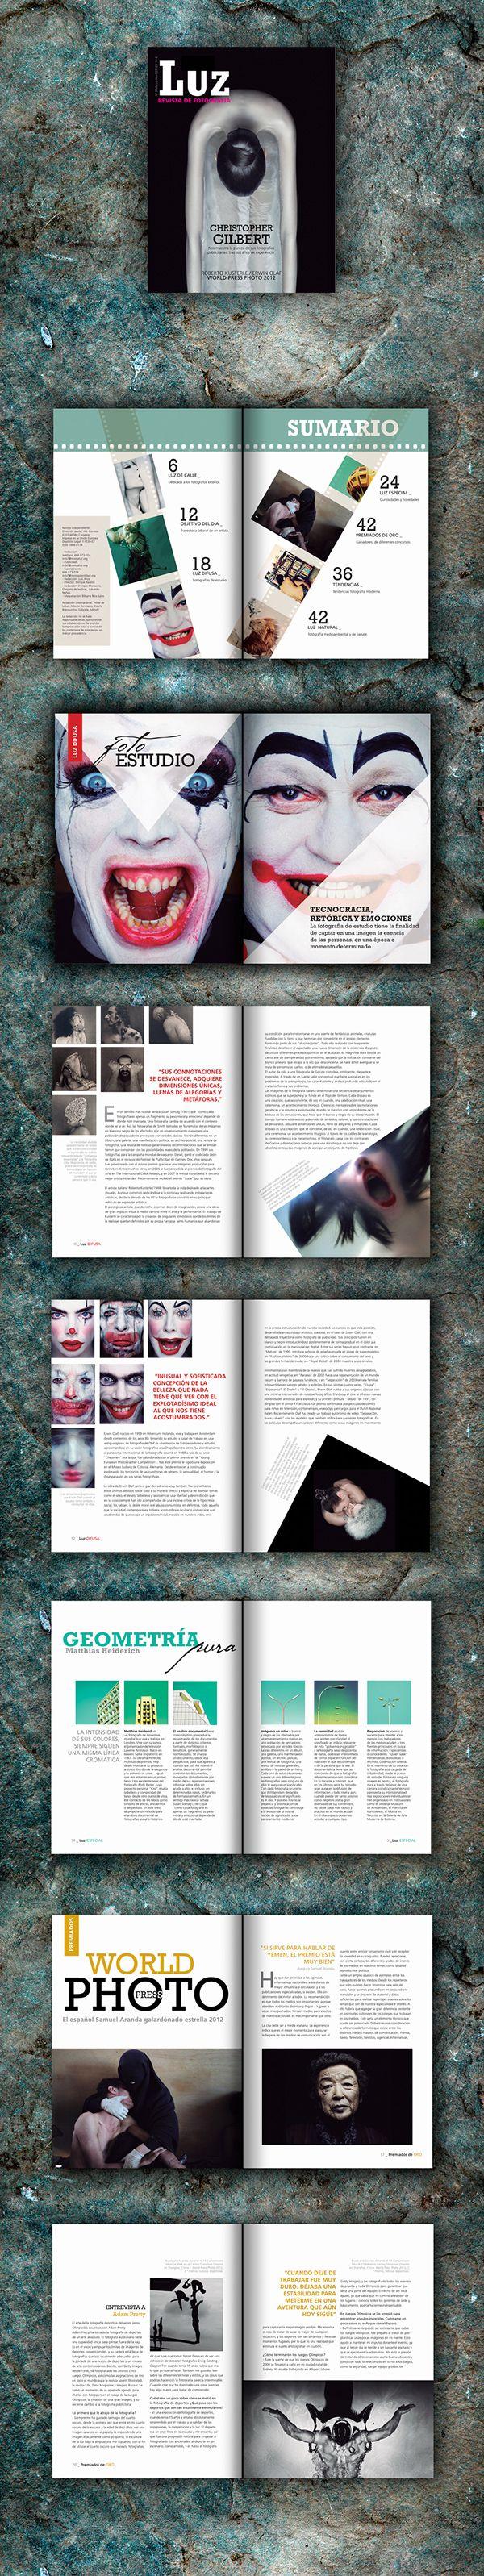 Trajbajo editorial universitario - Creación de una revista de fotografía que contenga un sumario con dos artículos diferenciados y una página especial.